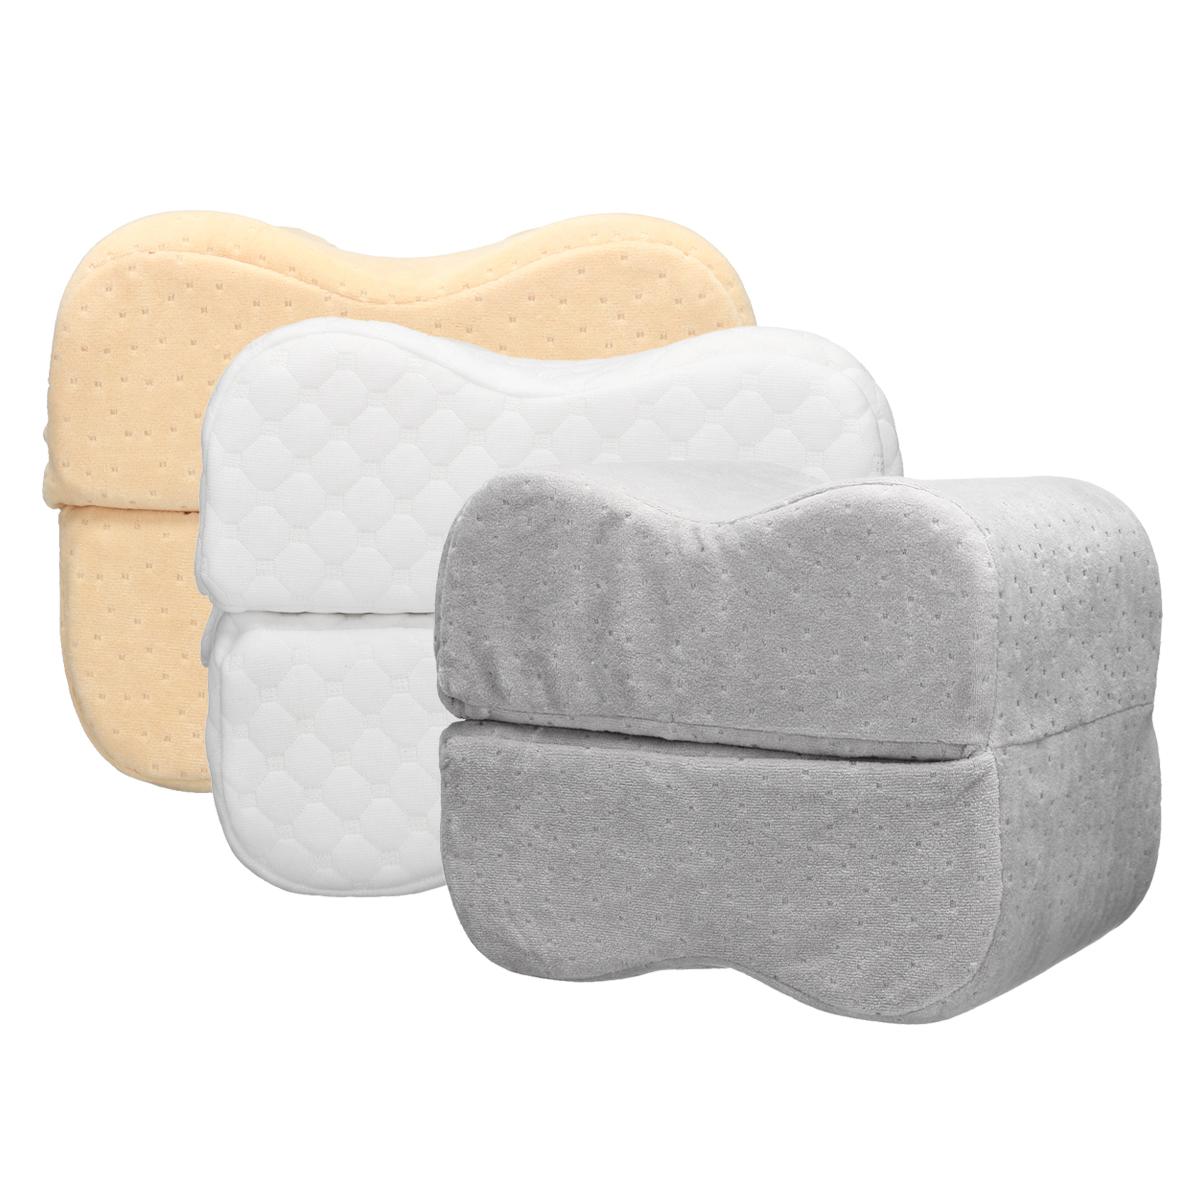 Подушка Sleep Foam Yoga Подушка для ног Спальники и боковые шпалы, эргономичный вариант пуховой альтернативы между и под - фото 3